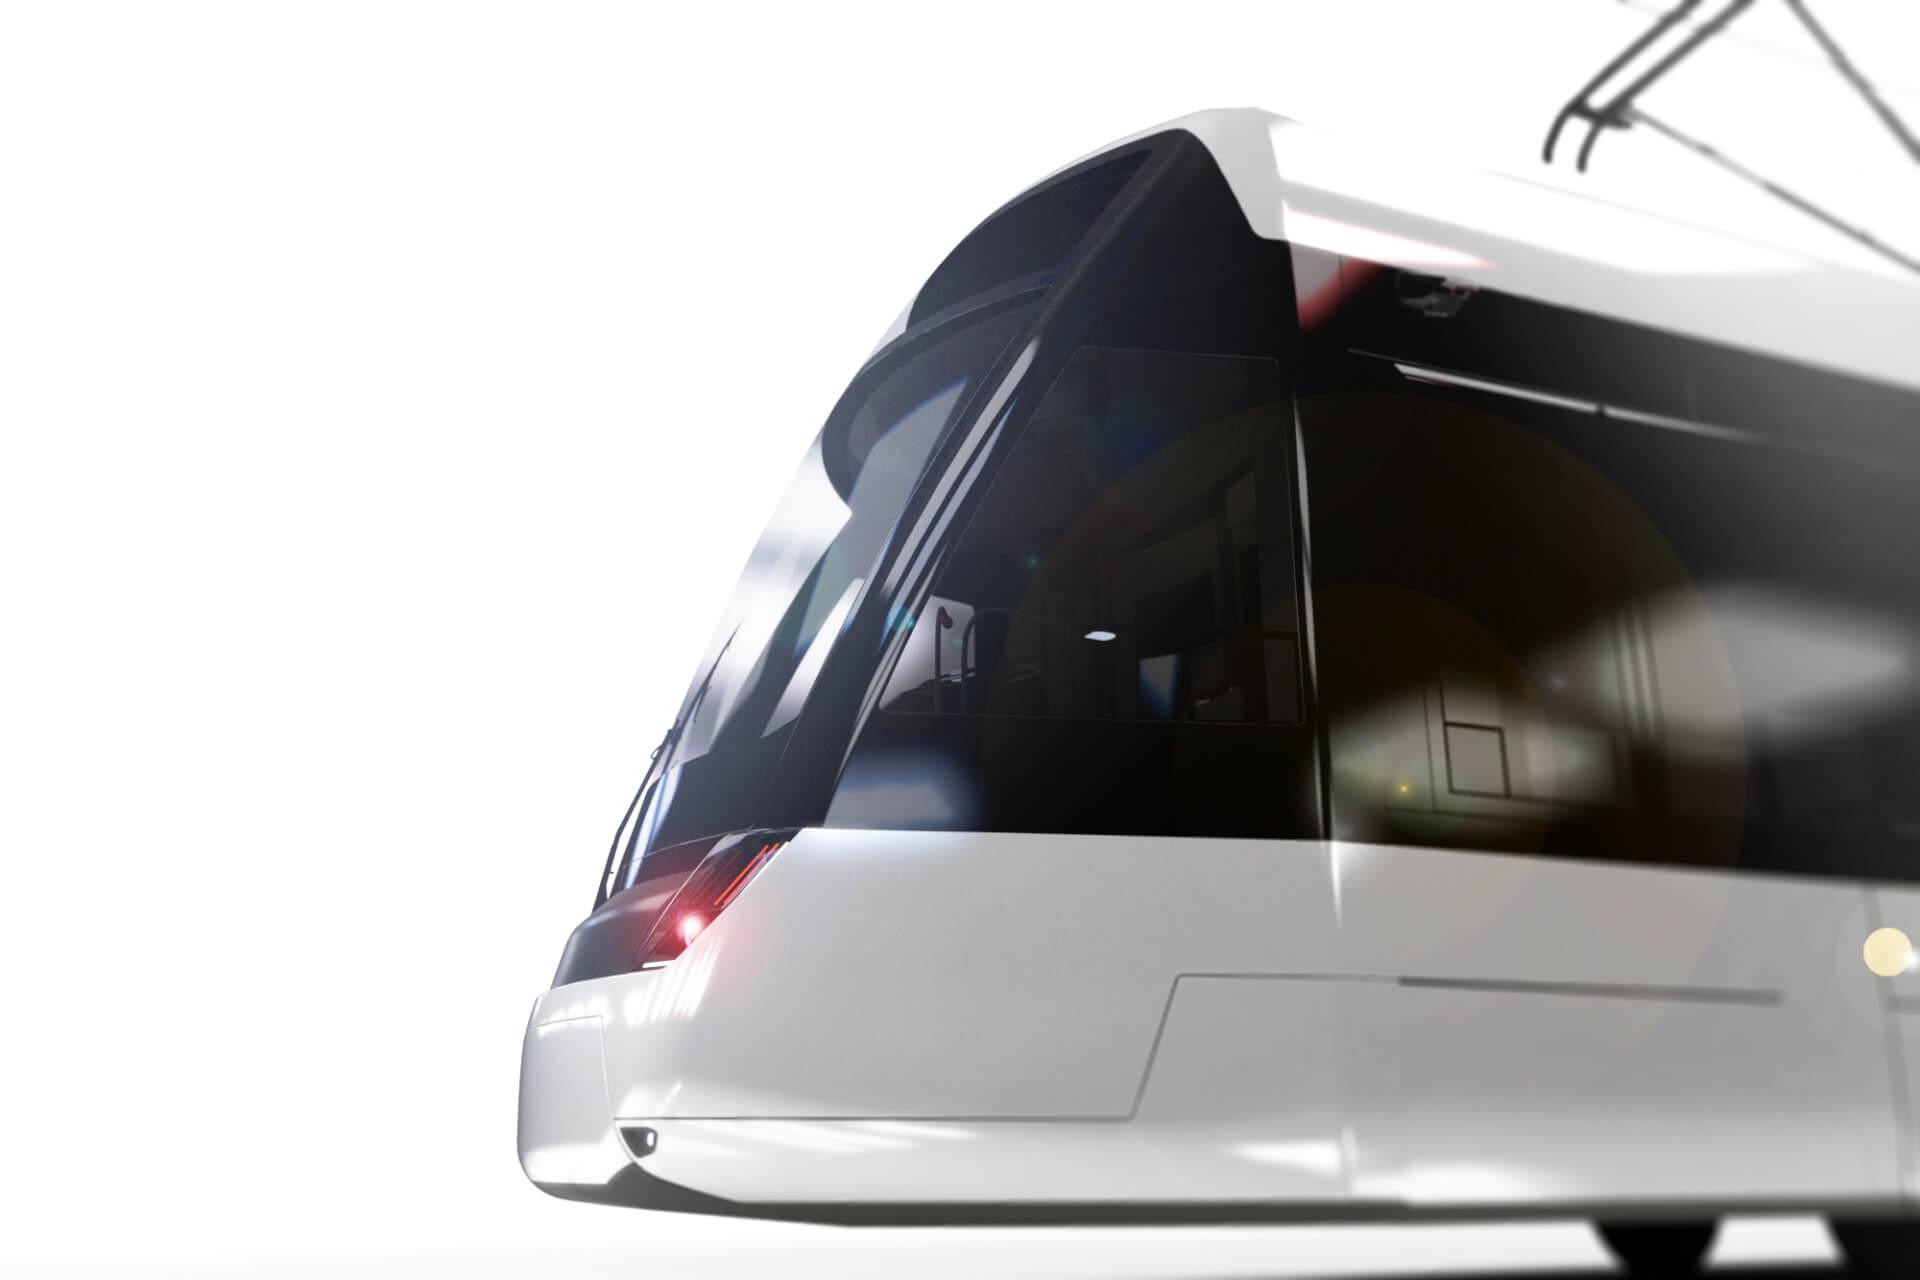 Der Stadler Tramlink Bern, eine moderne Strassenbahn von Döllmann Design, modern tram, productdesign, rendering, transportationdesign, tramdesign, traindesign, transportation design, urban transport,